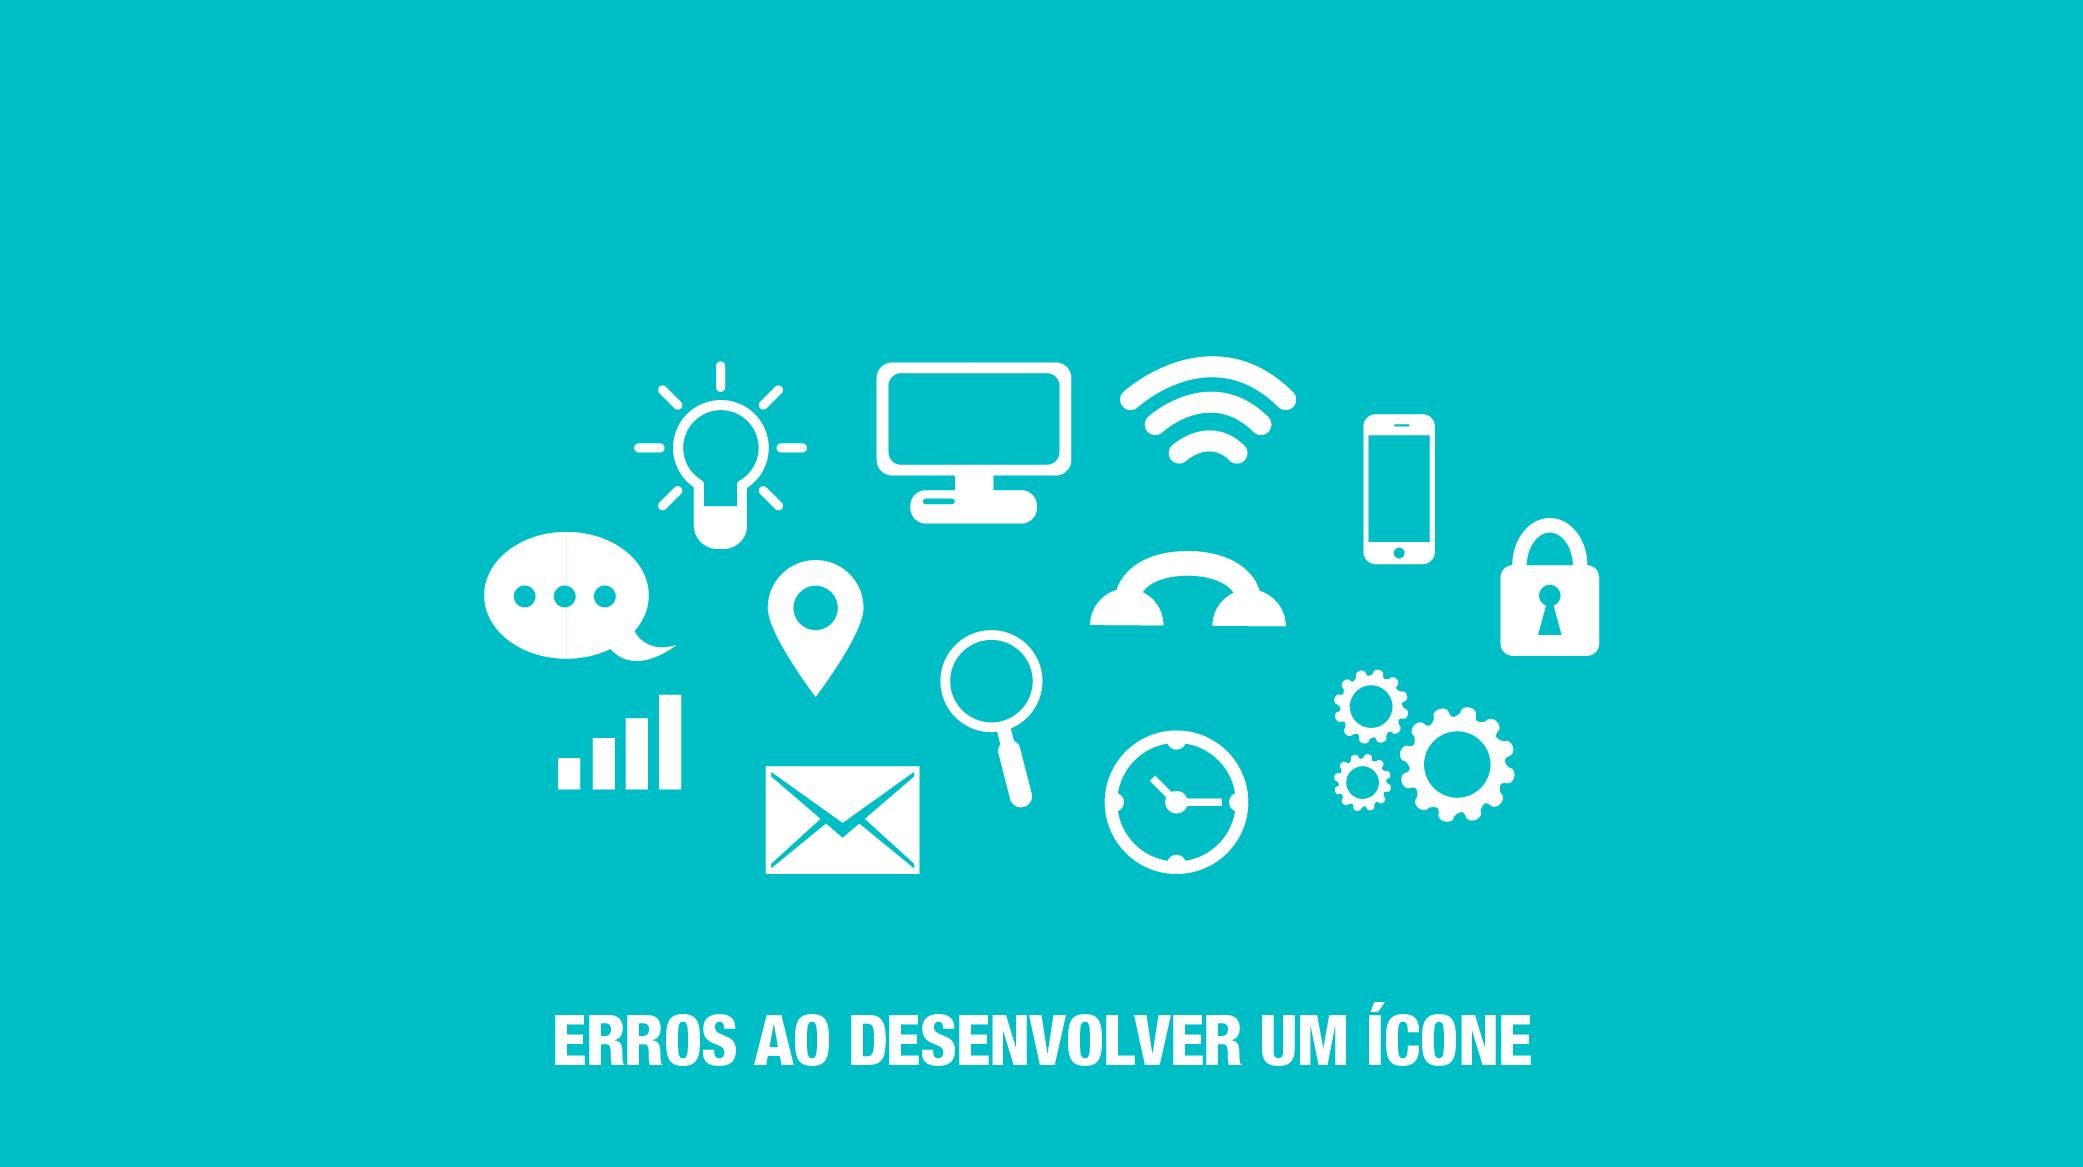 11_erros_icones_capa